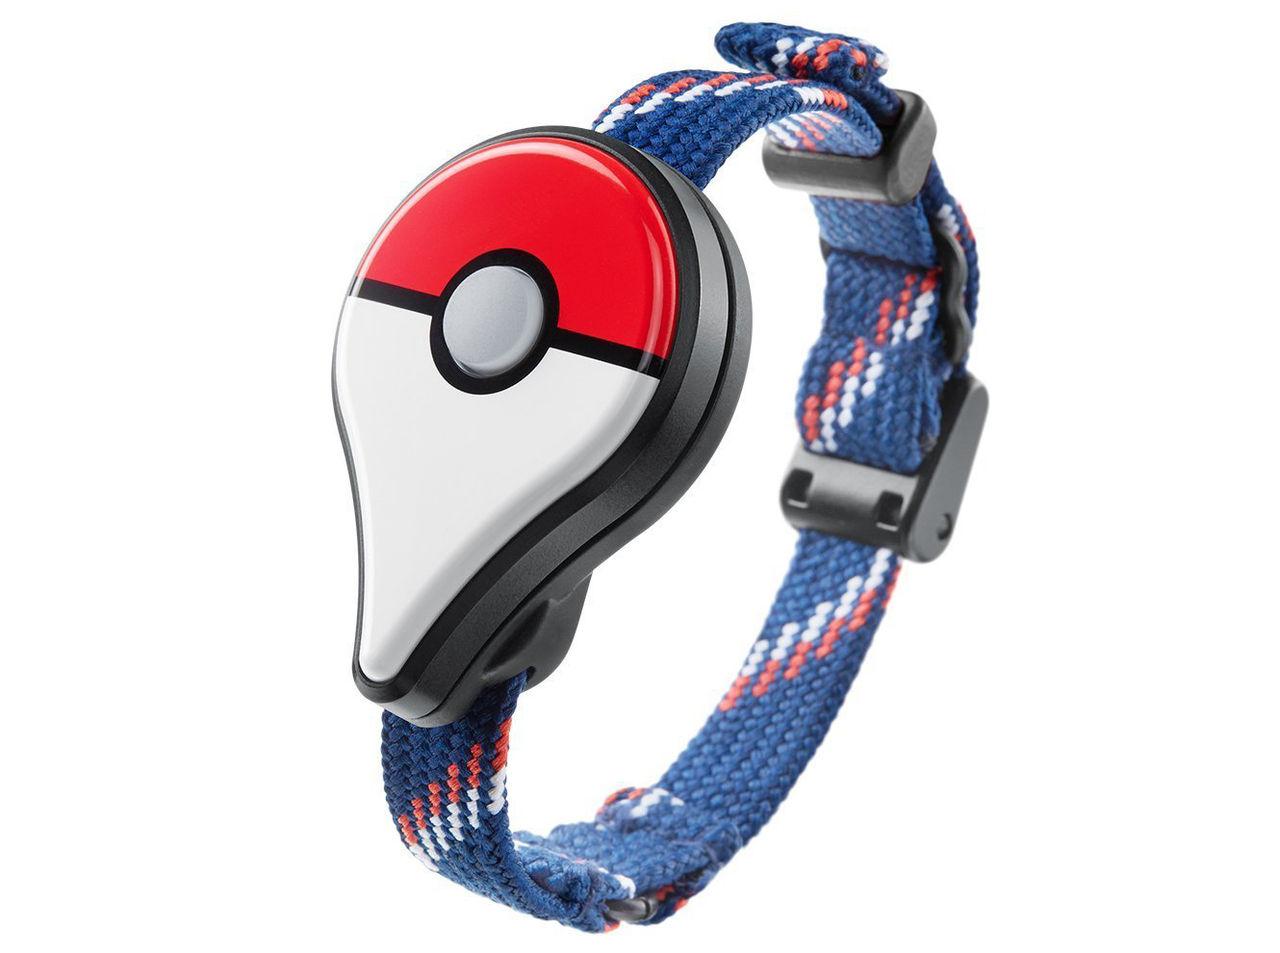 Pokémon Go Plus meddelar när en Pokémon eller annat är i närheten